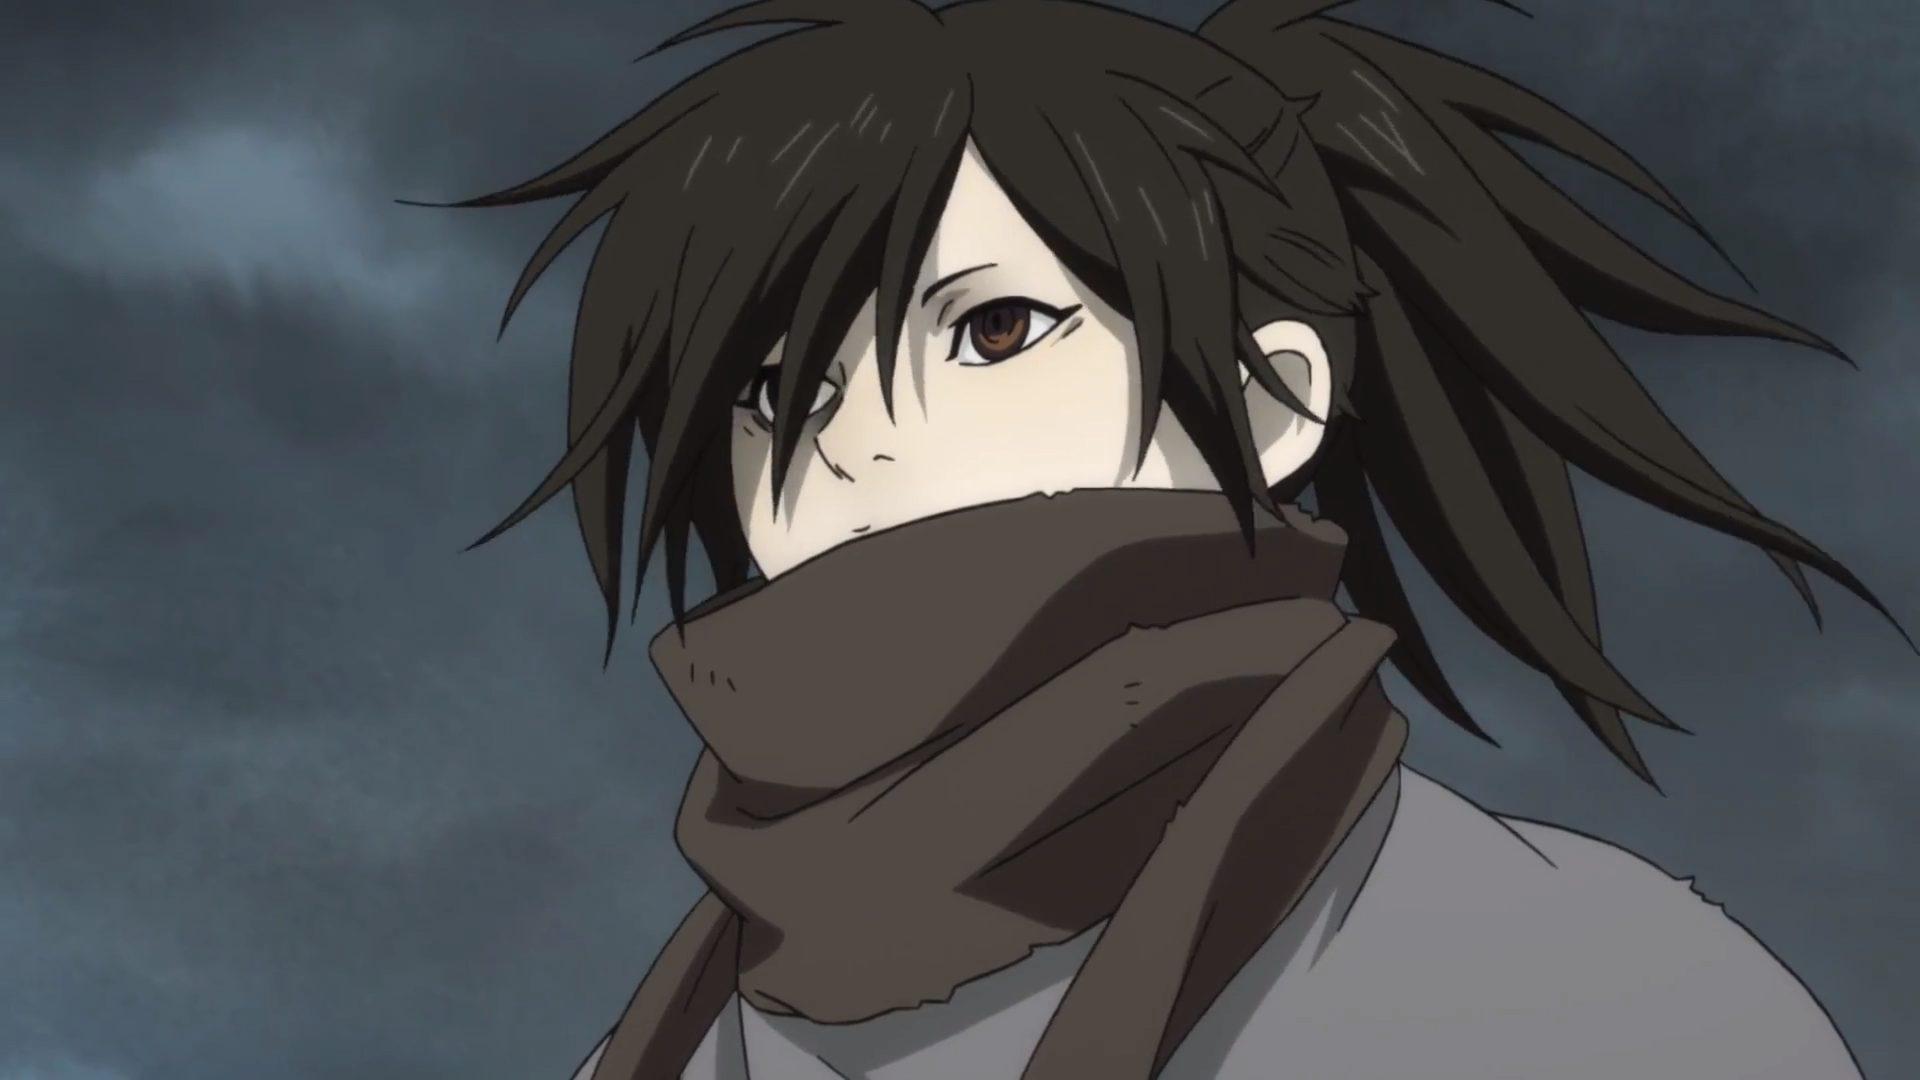 10 Karakter Anime Dengan Masa Lalu Paling Tragis 6